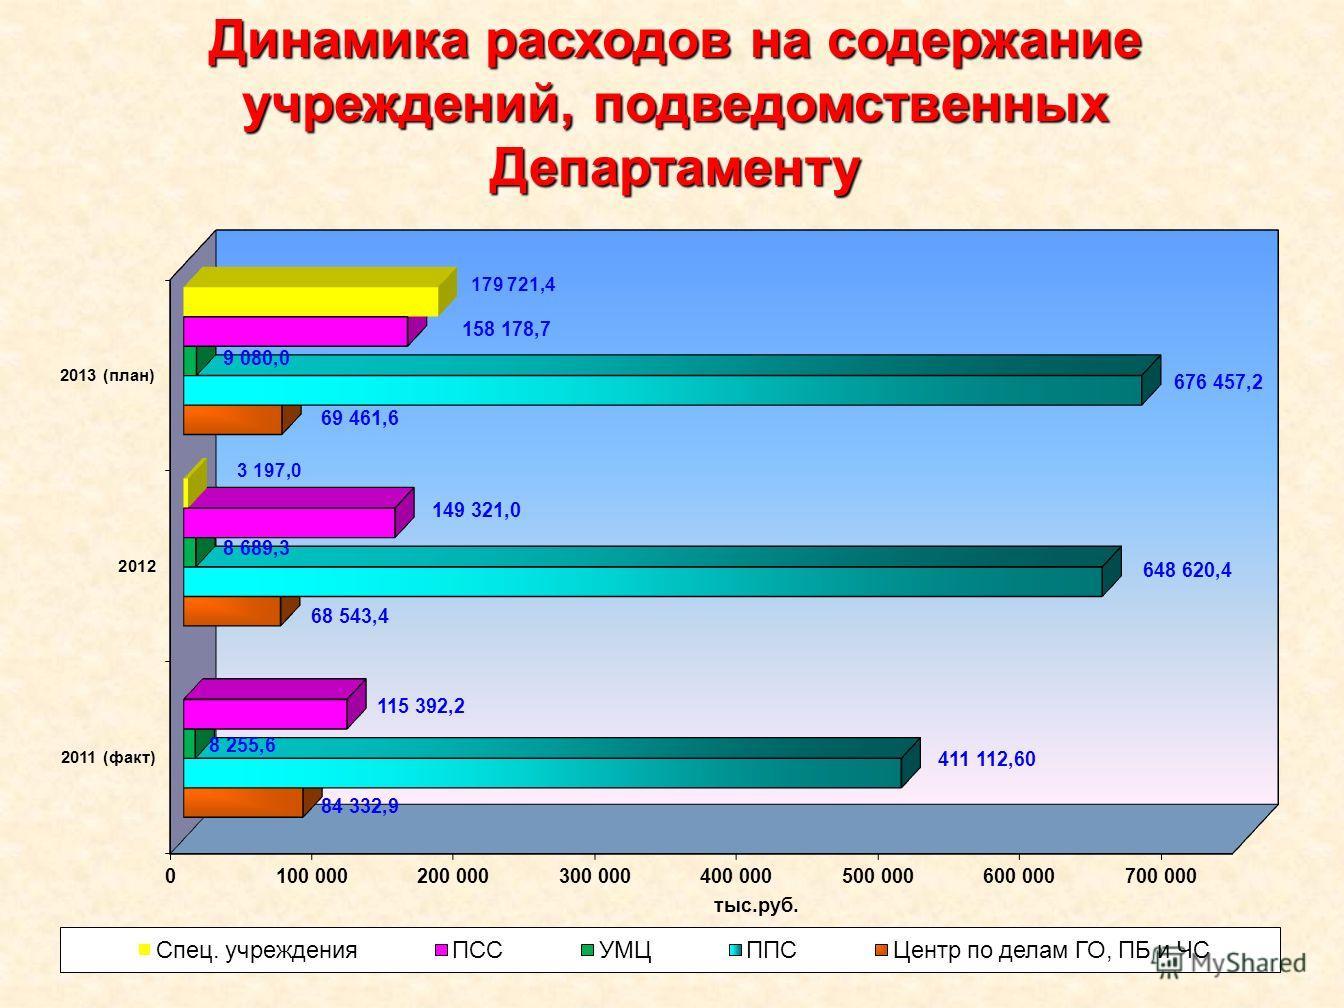 Динамика расходов на содержание учреждений, подведомственных Департаменту